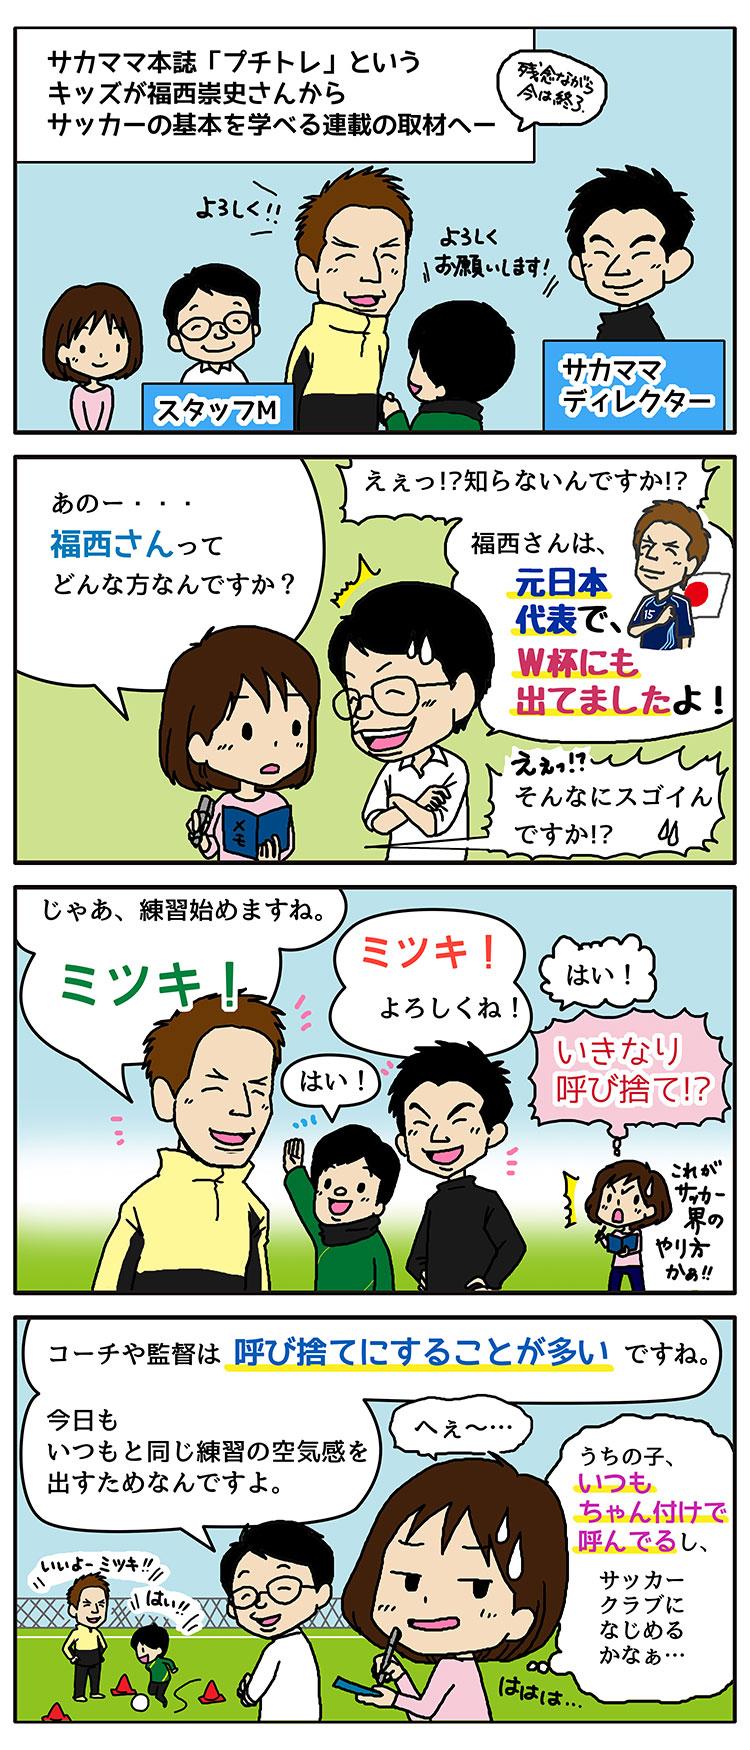 vol.3「いきなり呼びすて!?」